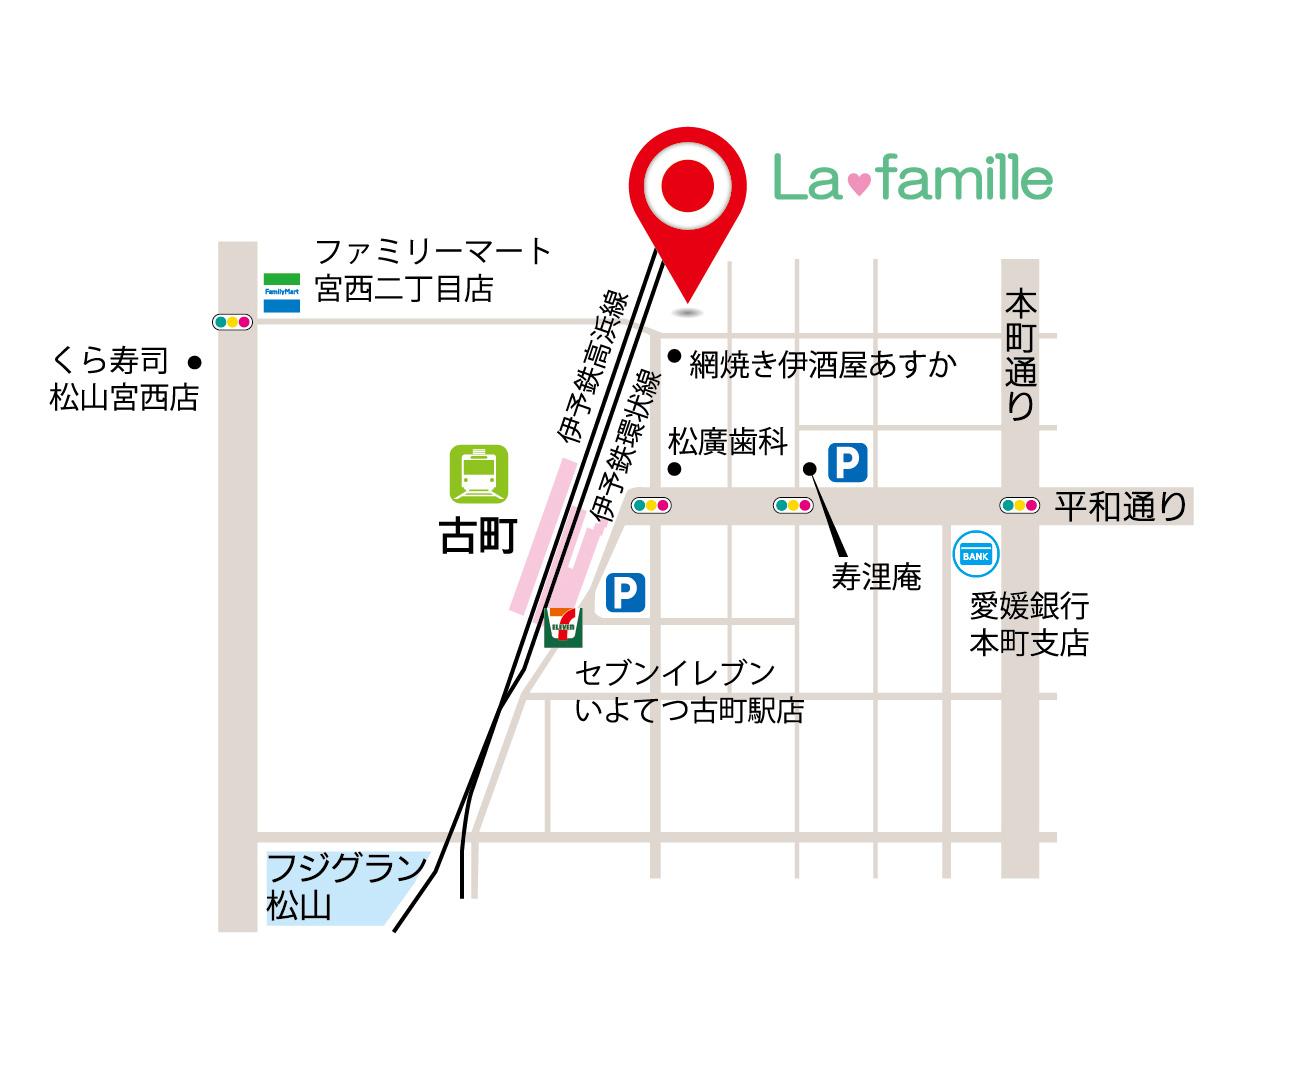 ラ・ファミリエ地図